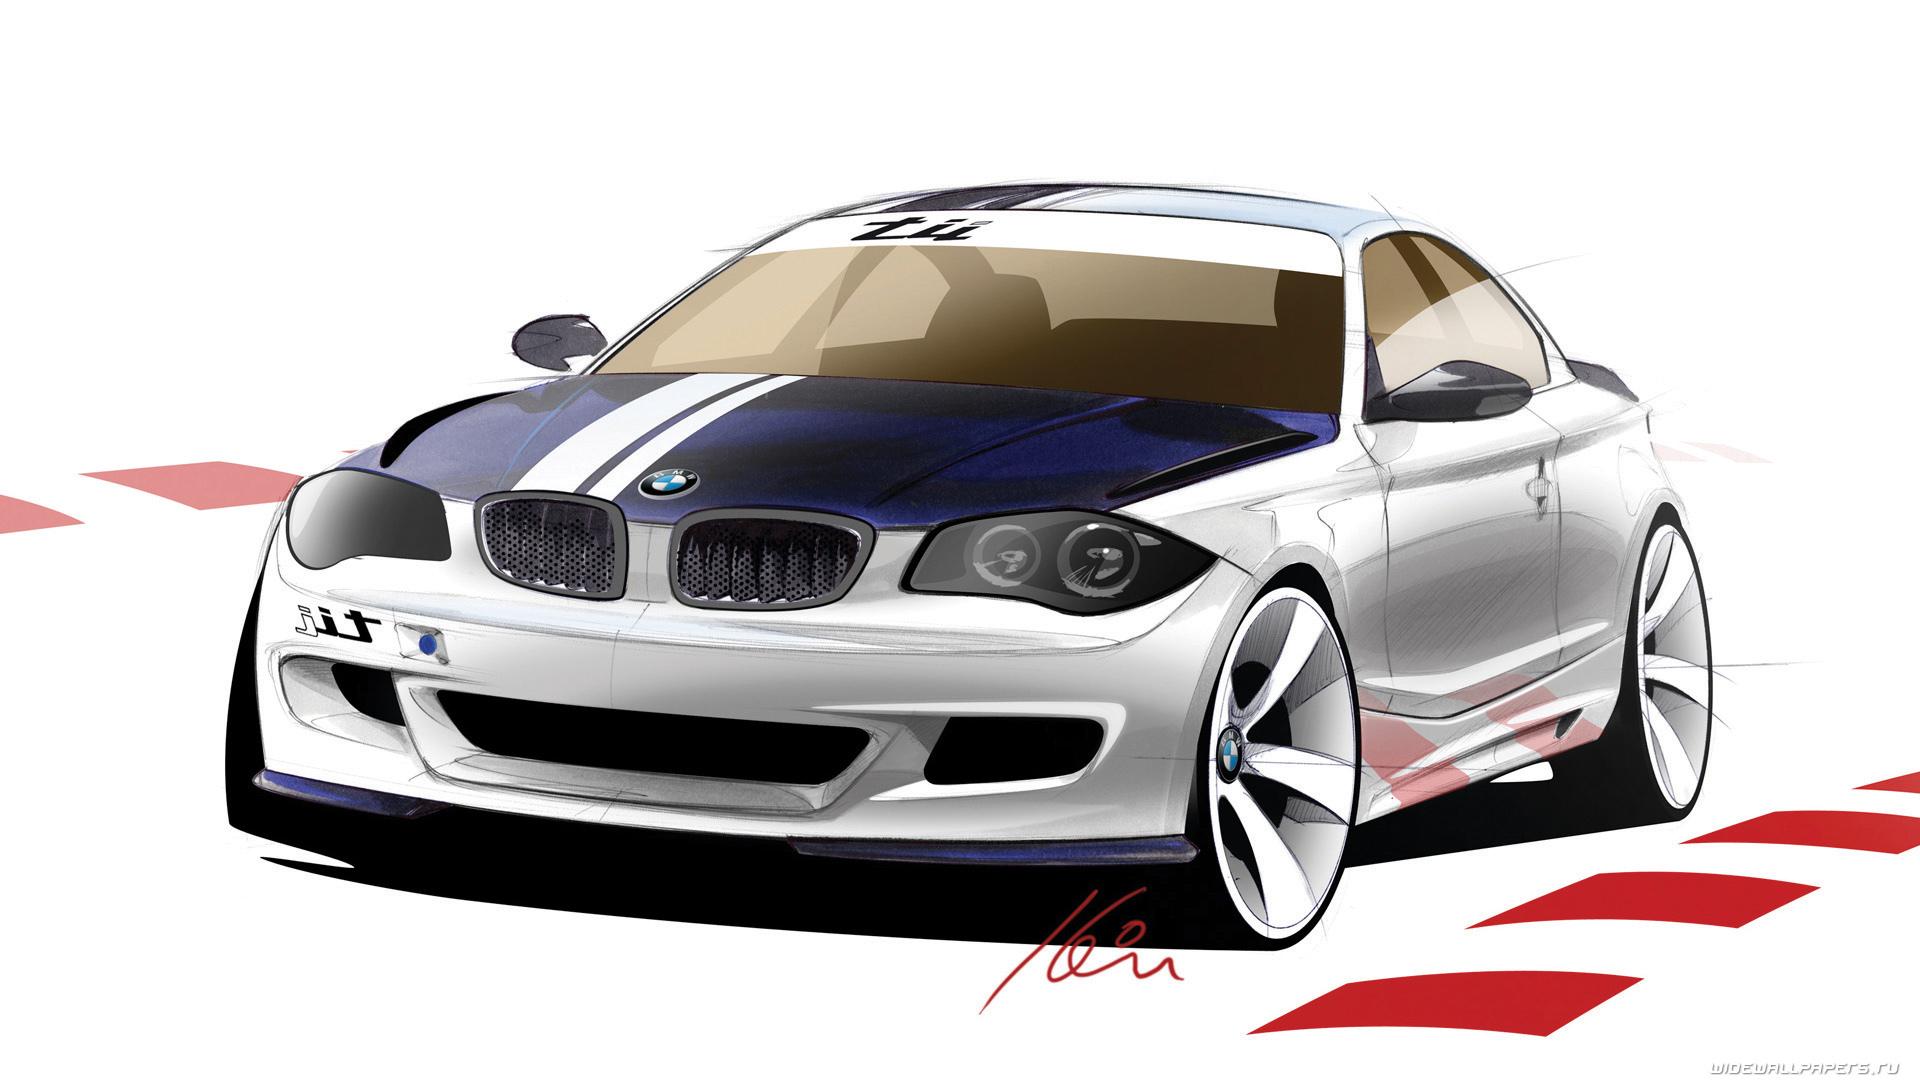 12542 скачать обои Транспорт, Машины, Бмв (Bmw), Рисунки - заставки и картинки бесплатно